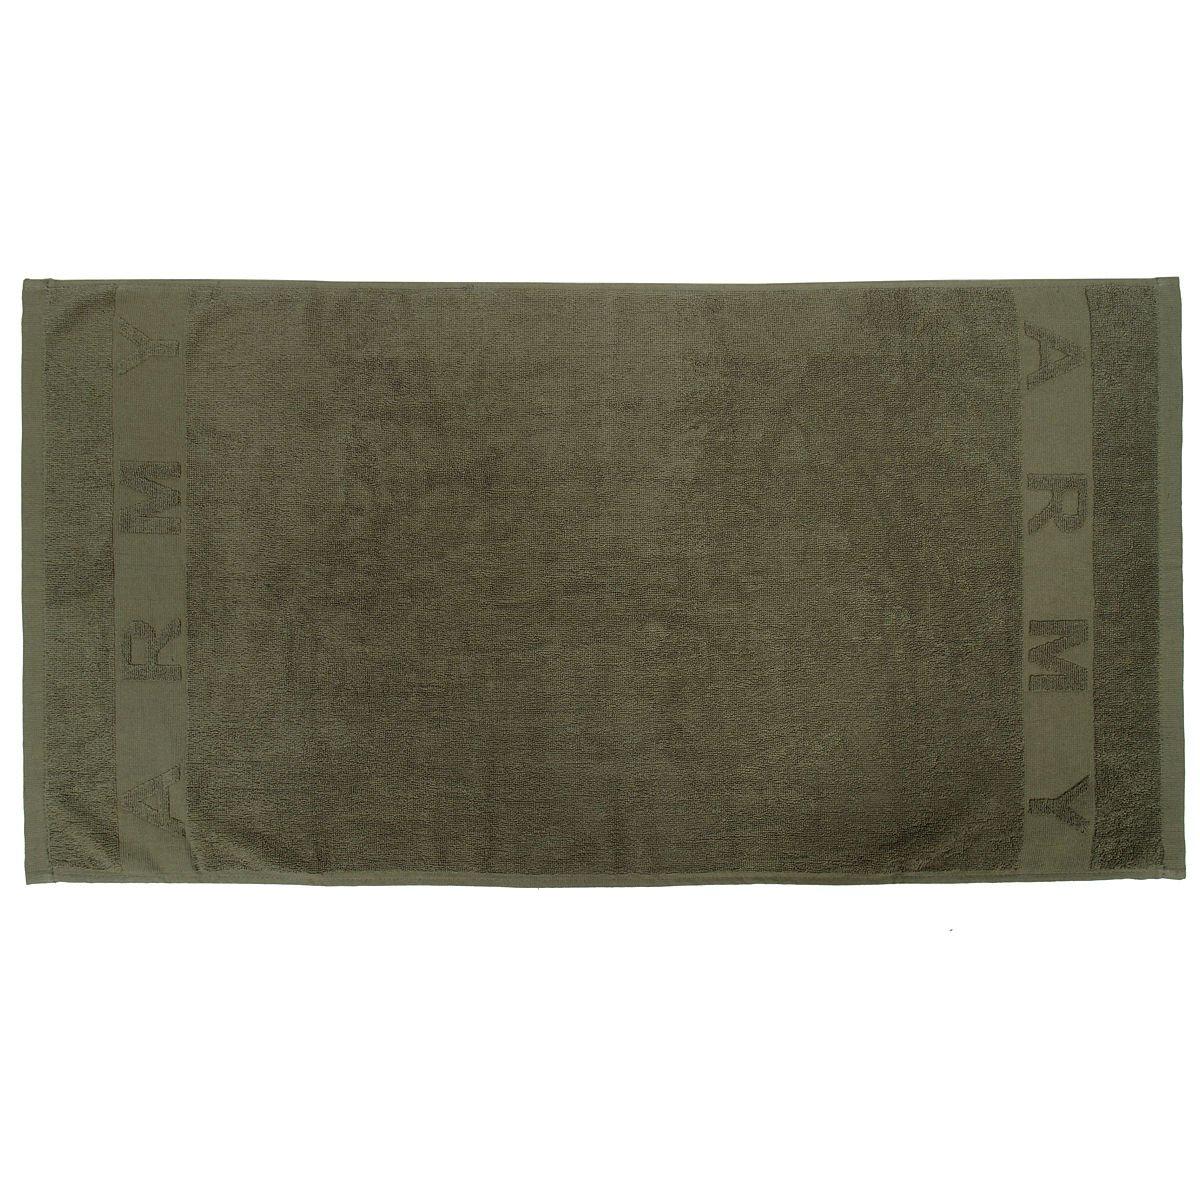 Army bambini 100/% cotone asciugamano combattimento militare verde oliva cotone terry 100/cm x 50/cm